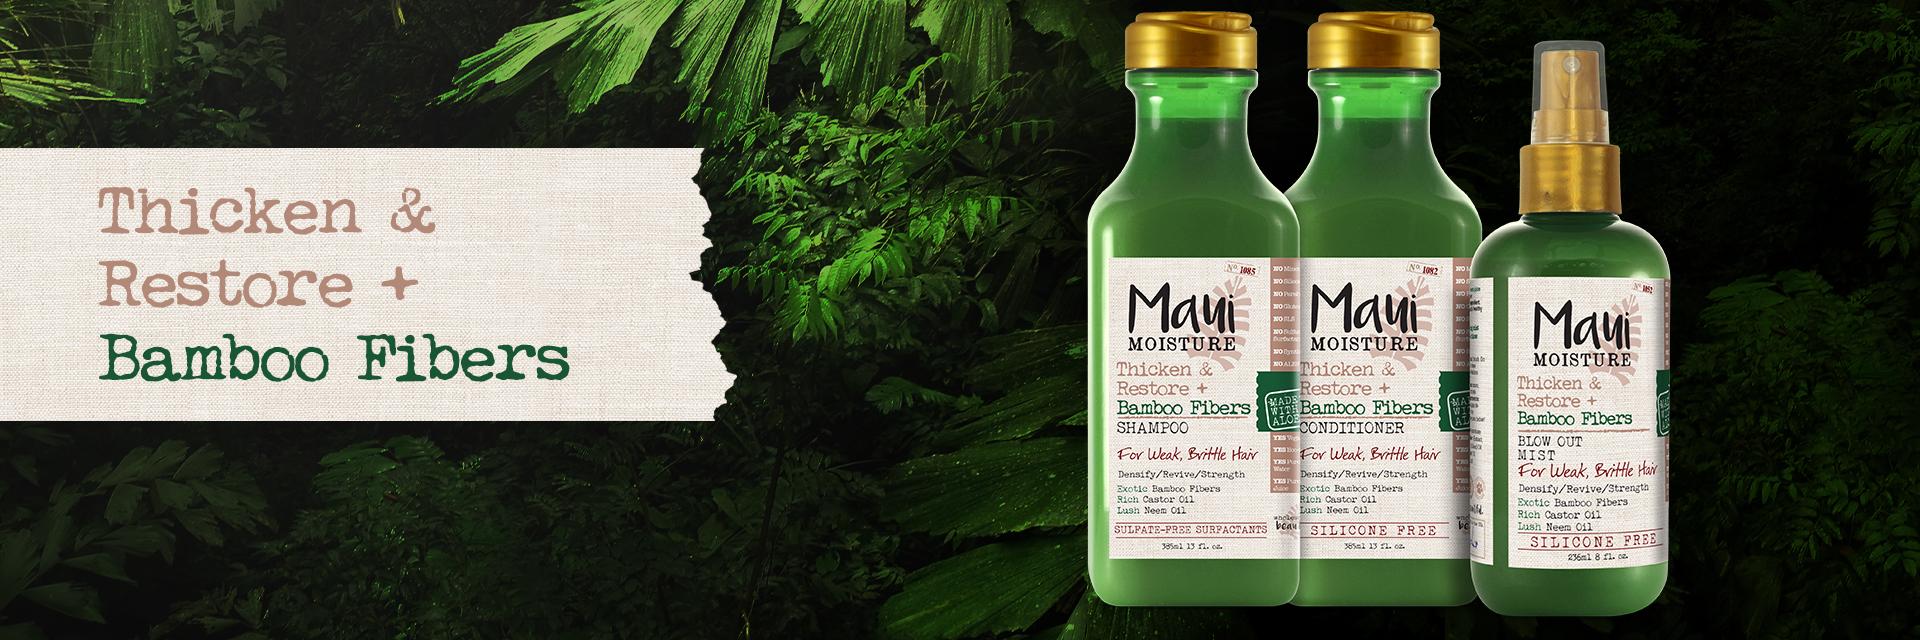 Maui Moisture Bamboo Fibers Shampoo